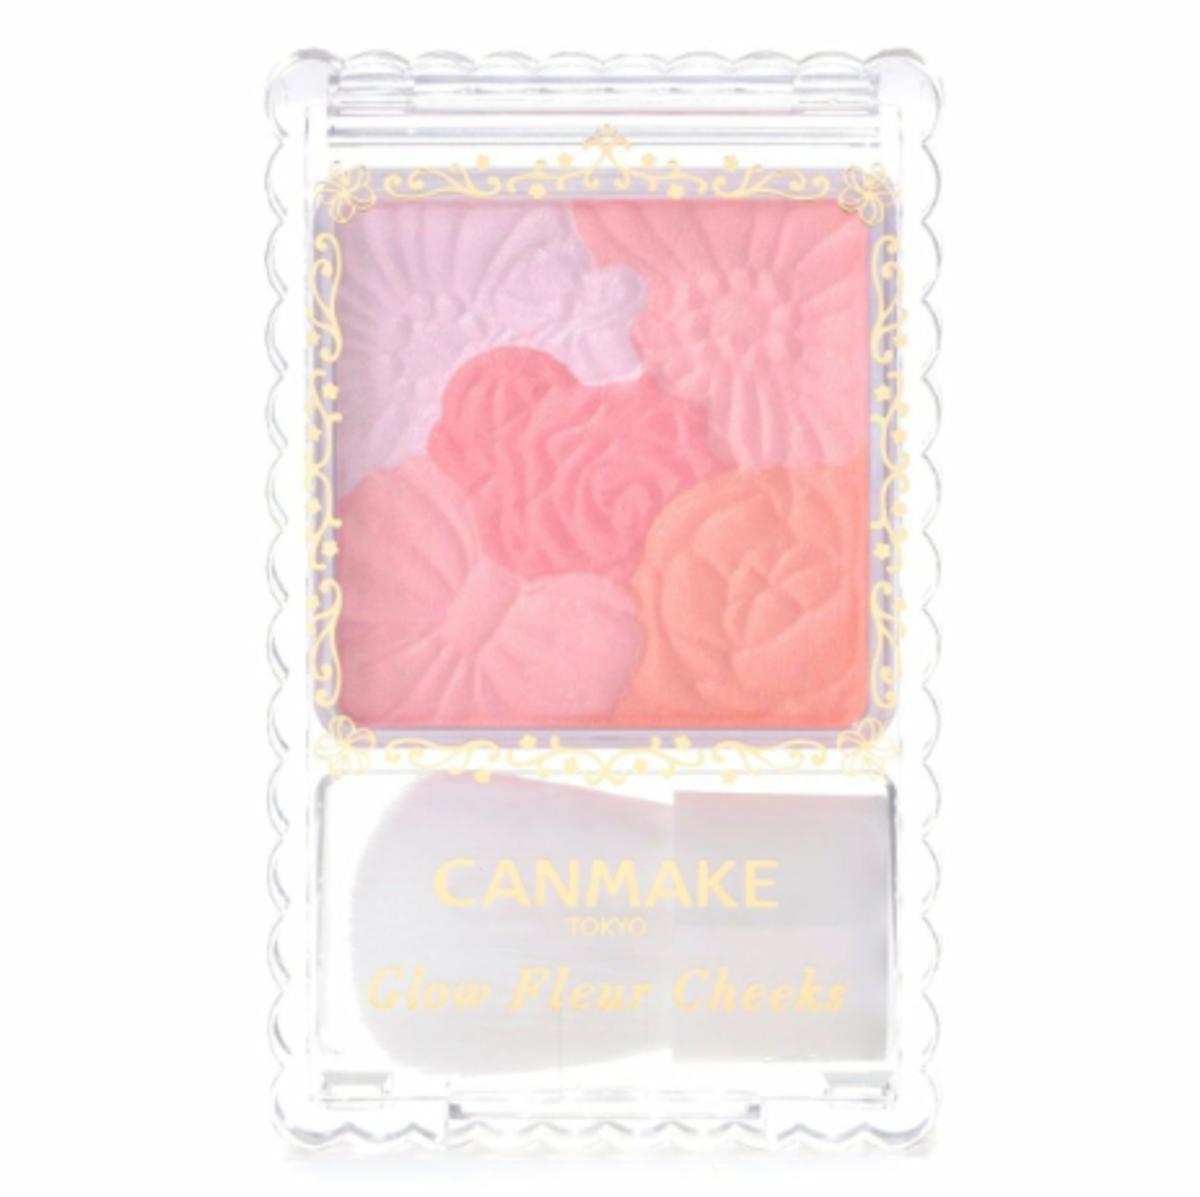 Glow Fleur Cheeks (#02 Apricot Fleur) 35g